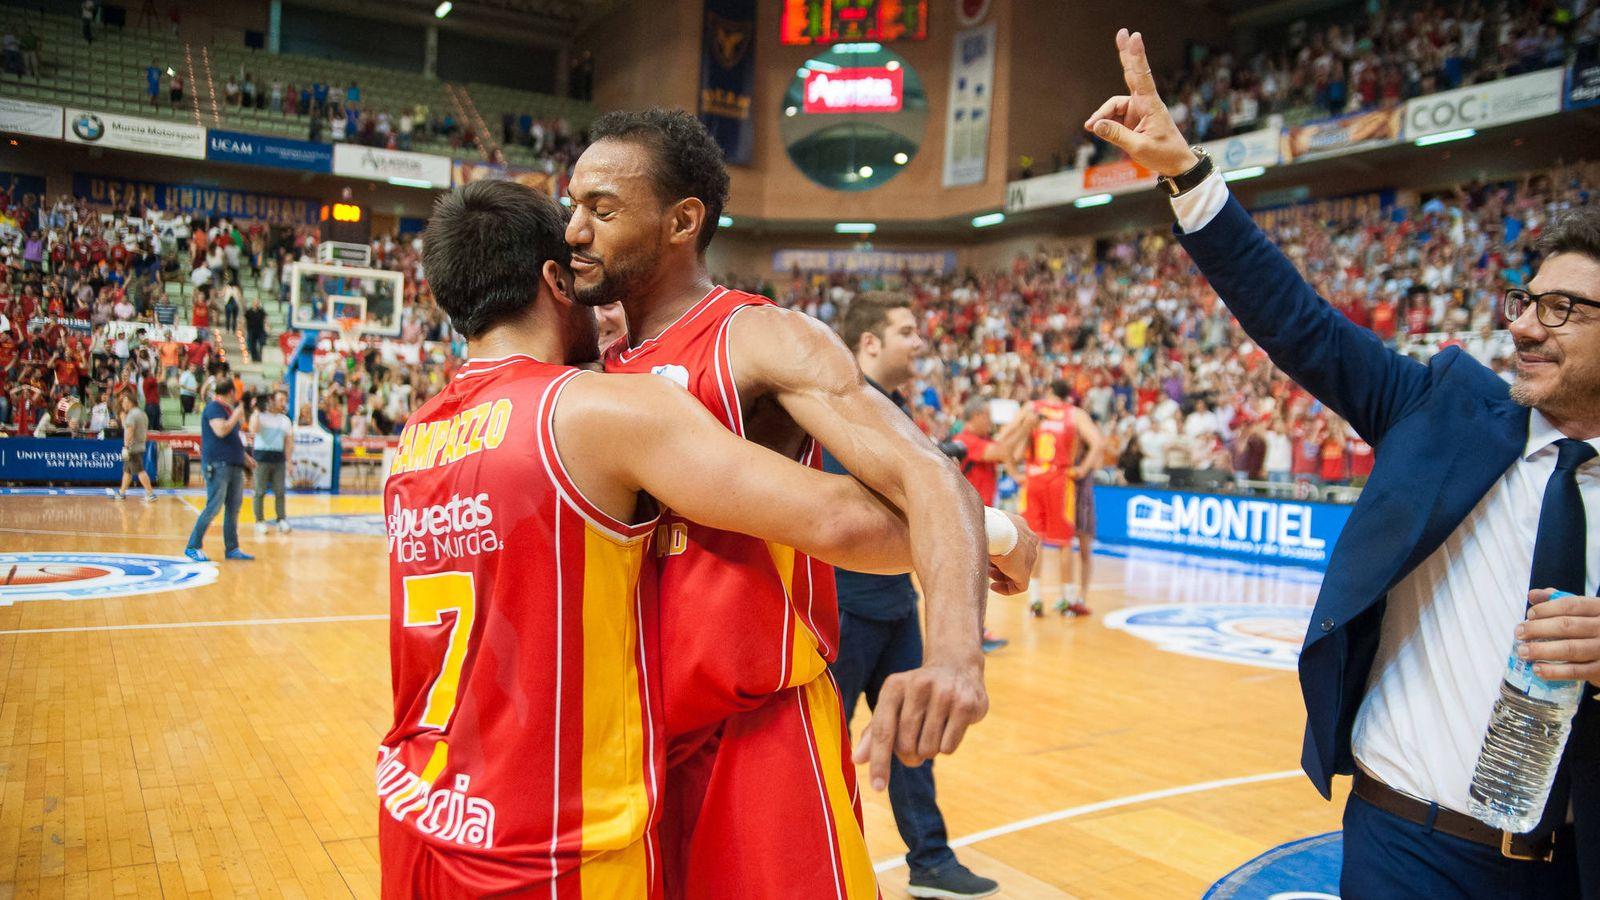 Foto: El UCAM consiguió la primera victoria en 'playoffs' de su historia (J. Bernal/ACB Photo)